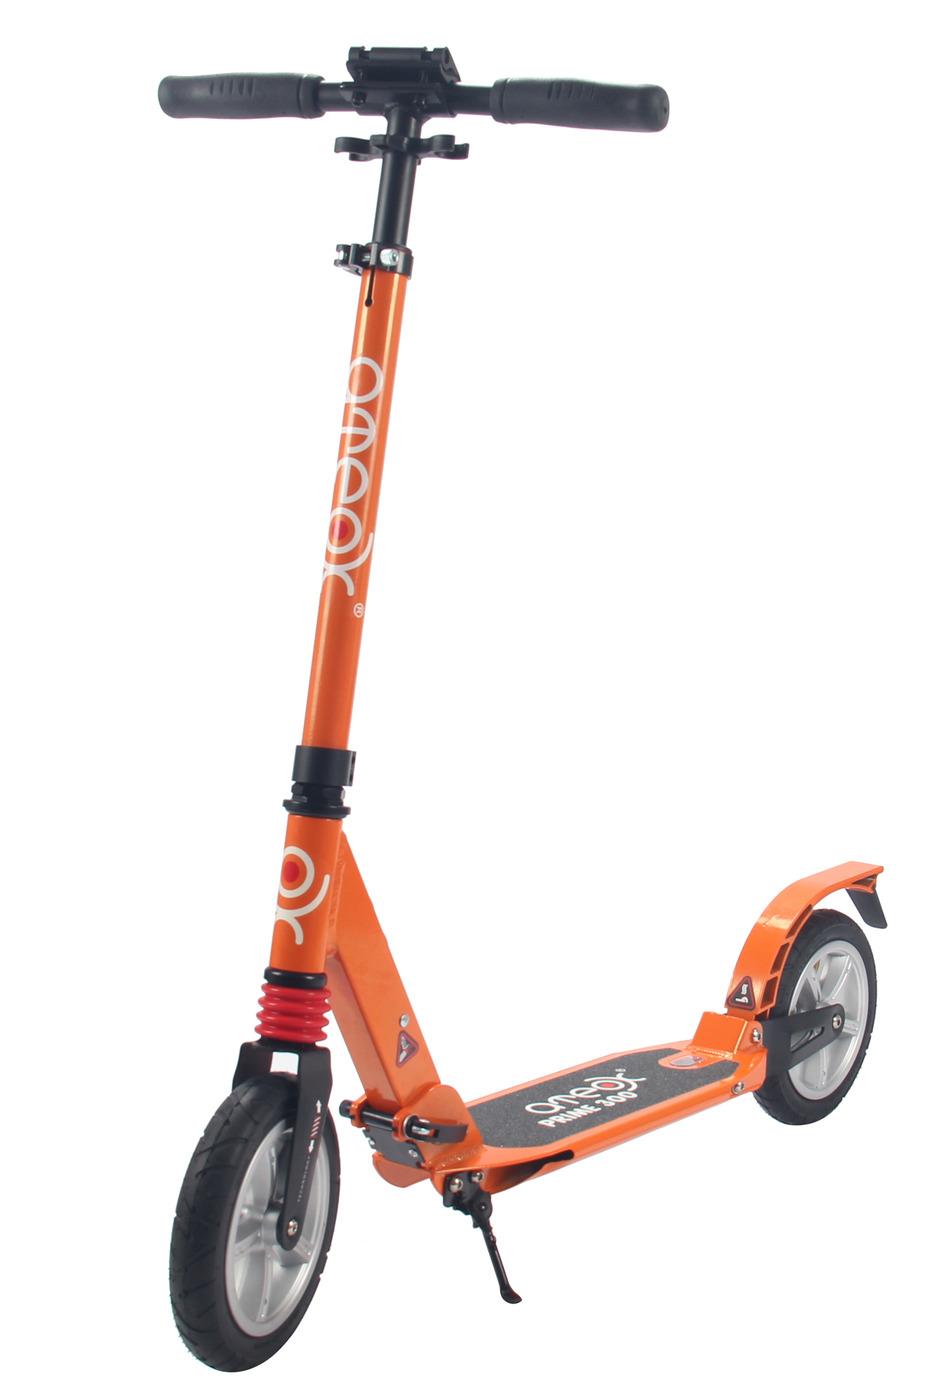 Самокат для взрослых Ateox PRIME 300 c надувными колесами (Оранжевый)